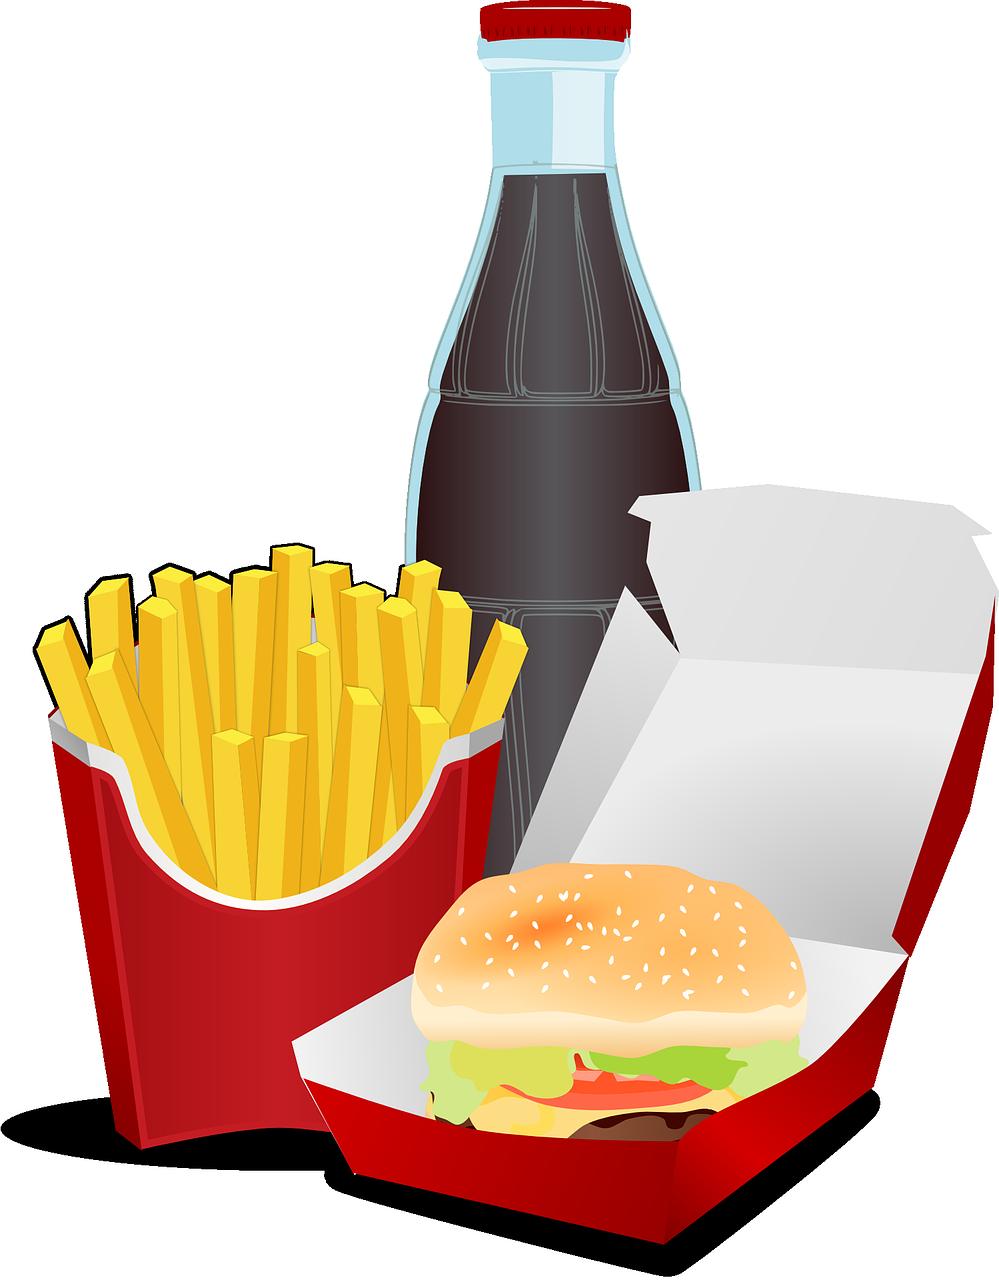 cheeseburger-155804_1280.png